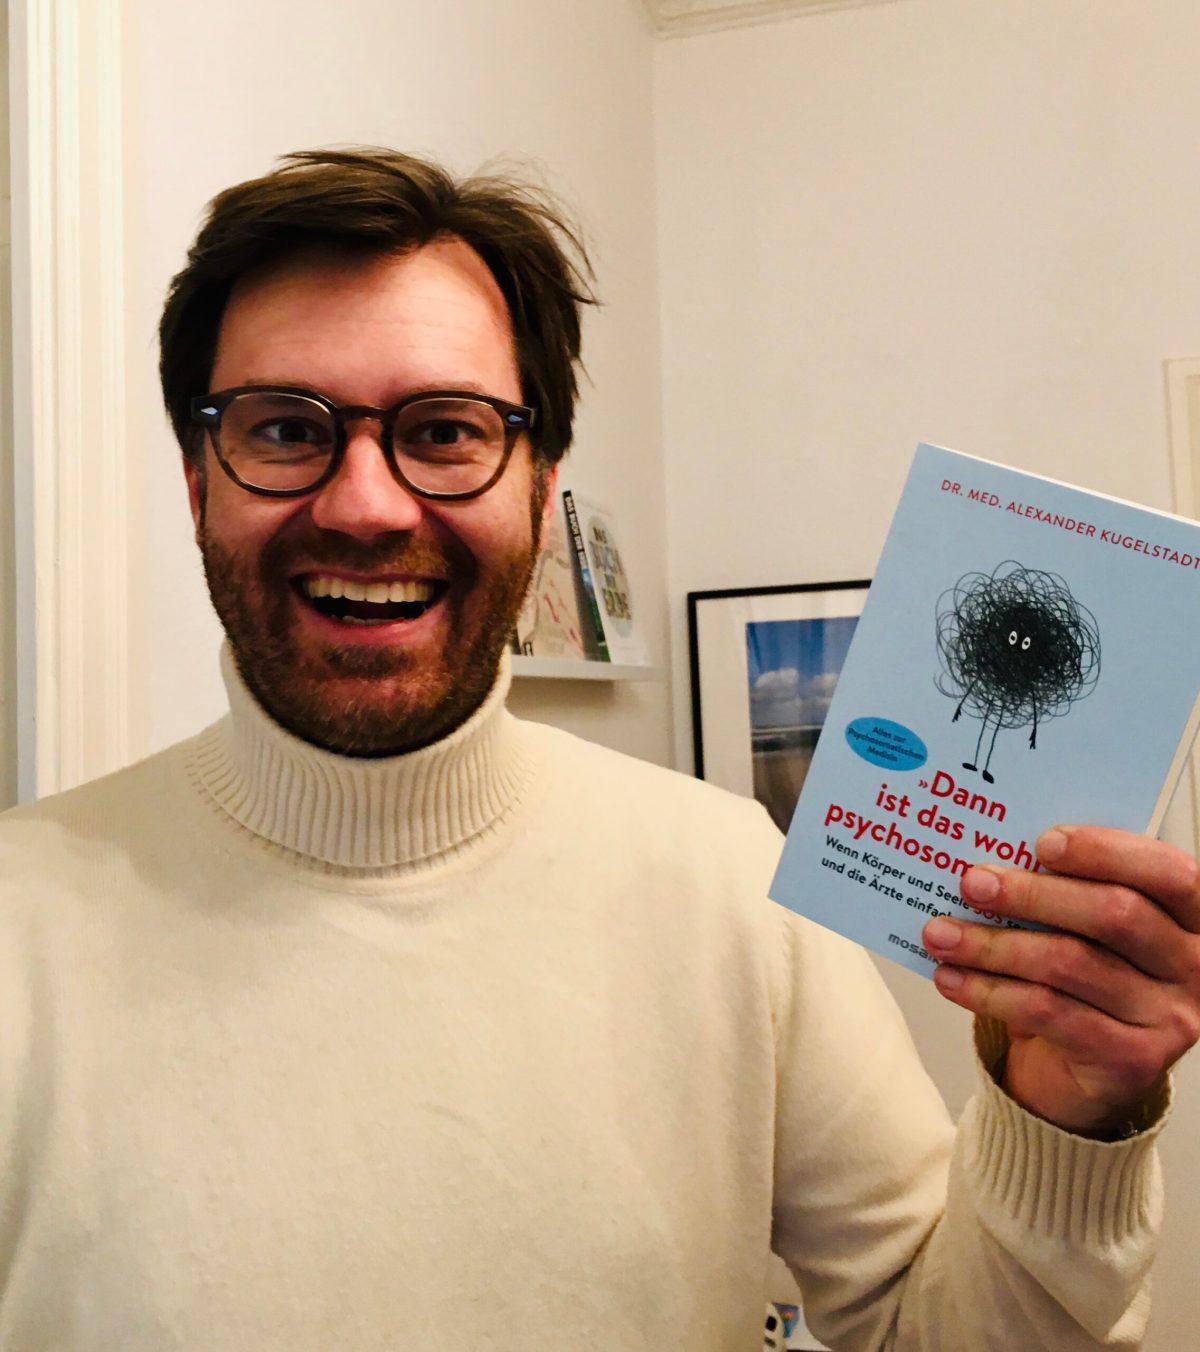 """Wonderful! Mein Buch """"Dann ist das wohl psychosomatisch!"""" ist erschienen"""